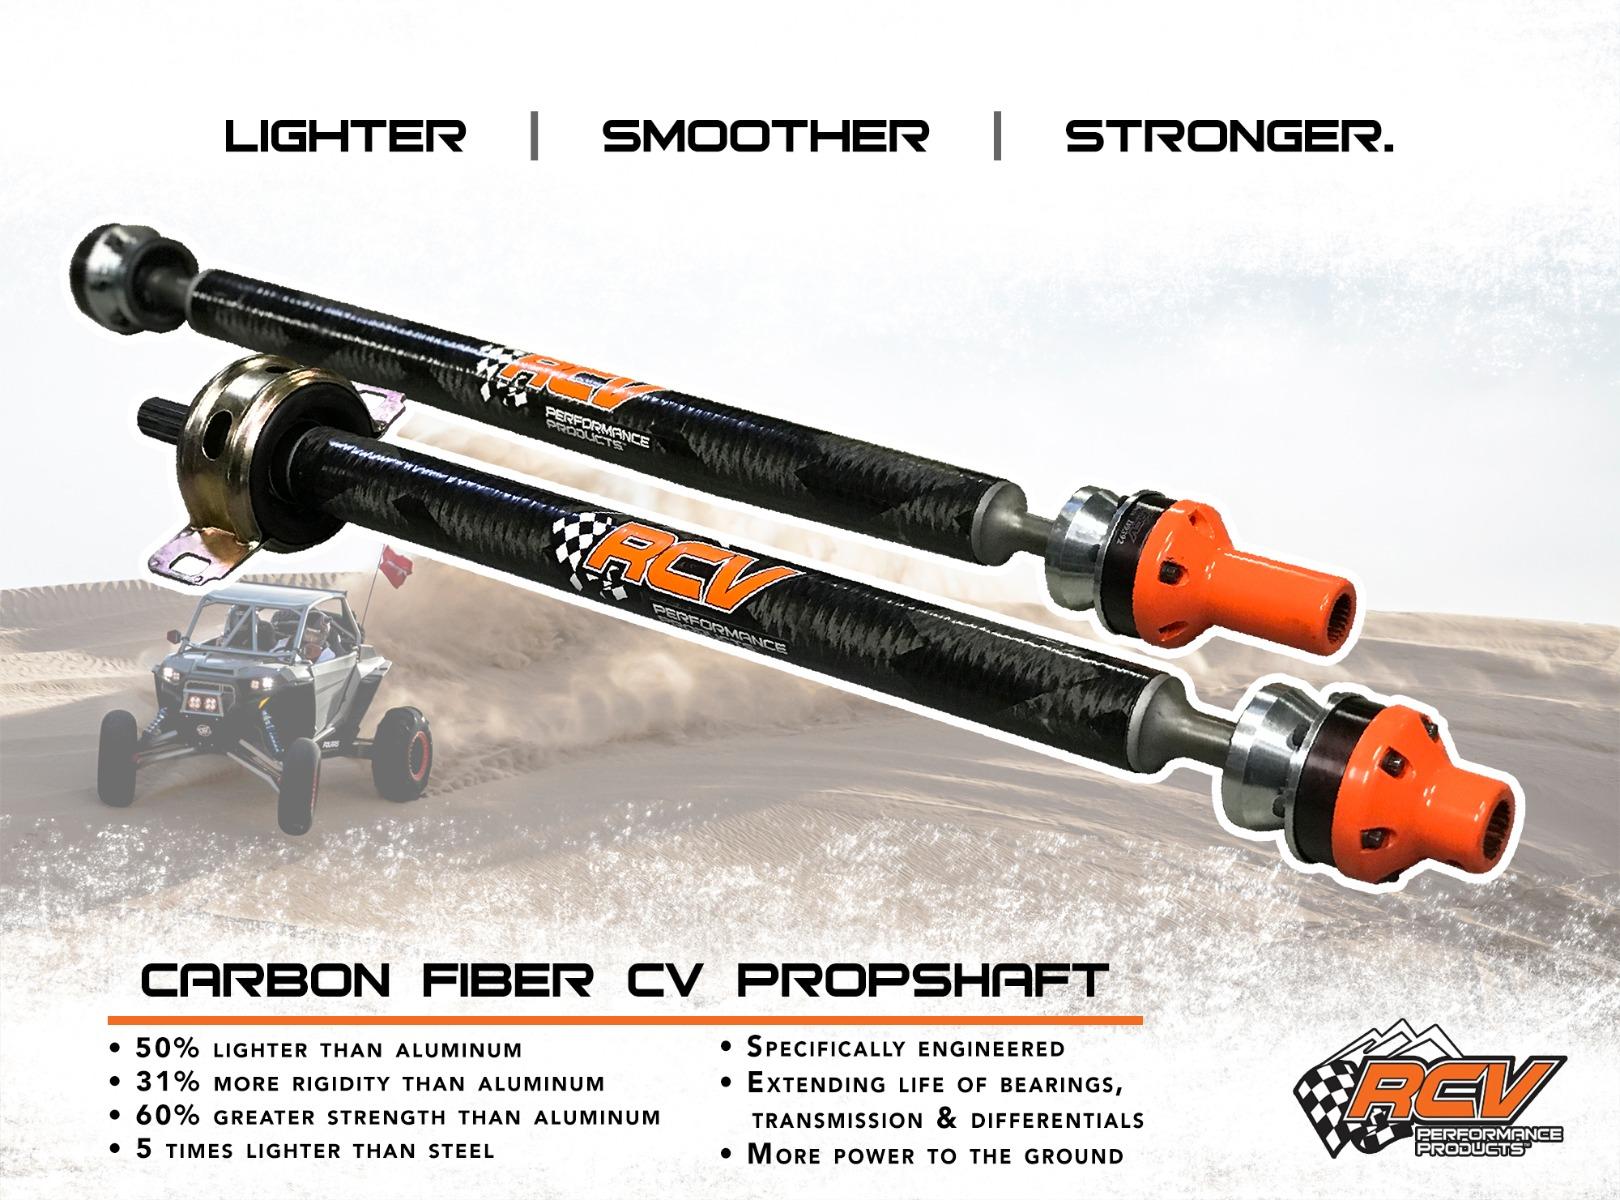 RCV CARBON FIBER Prop Shaft